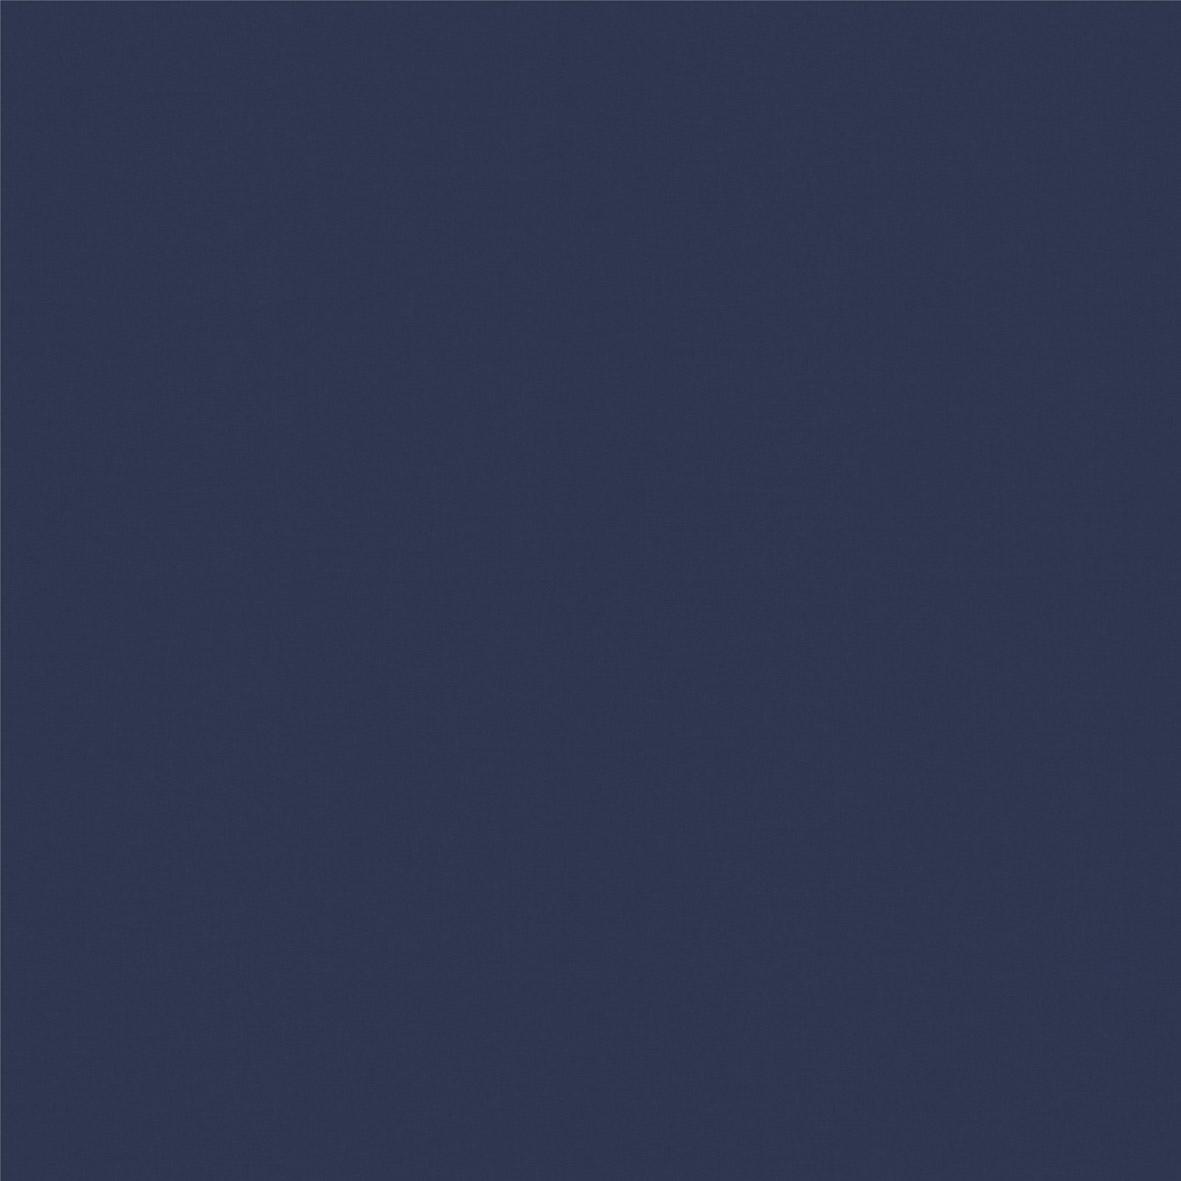 Roller_Swatch_Banlight_Duo_FR_Navy_RE0310